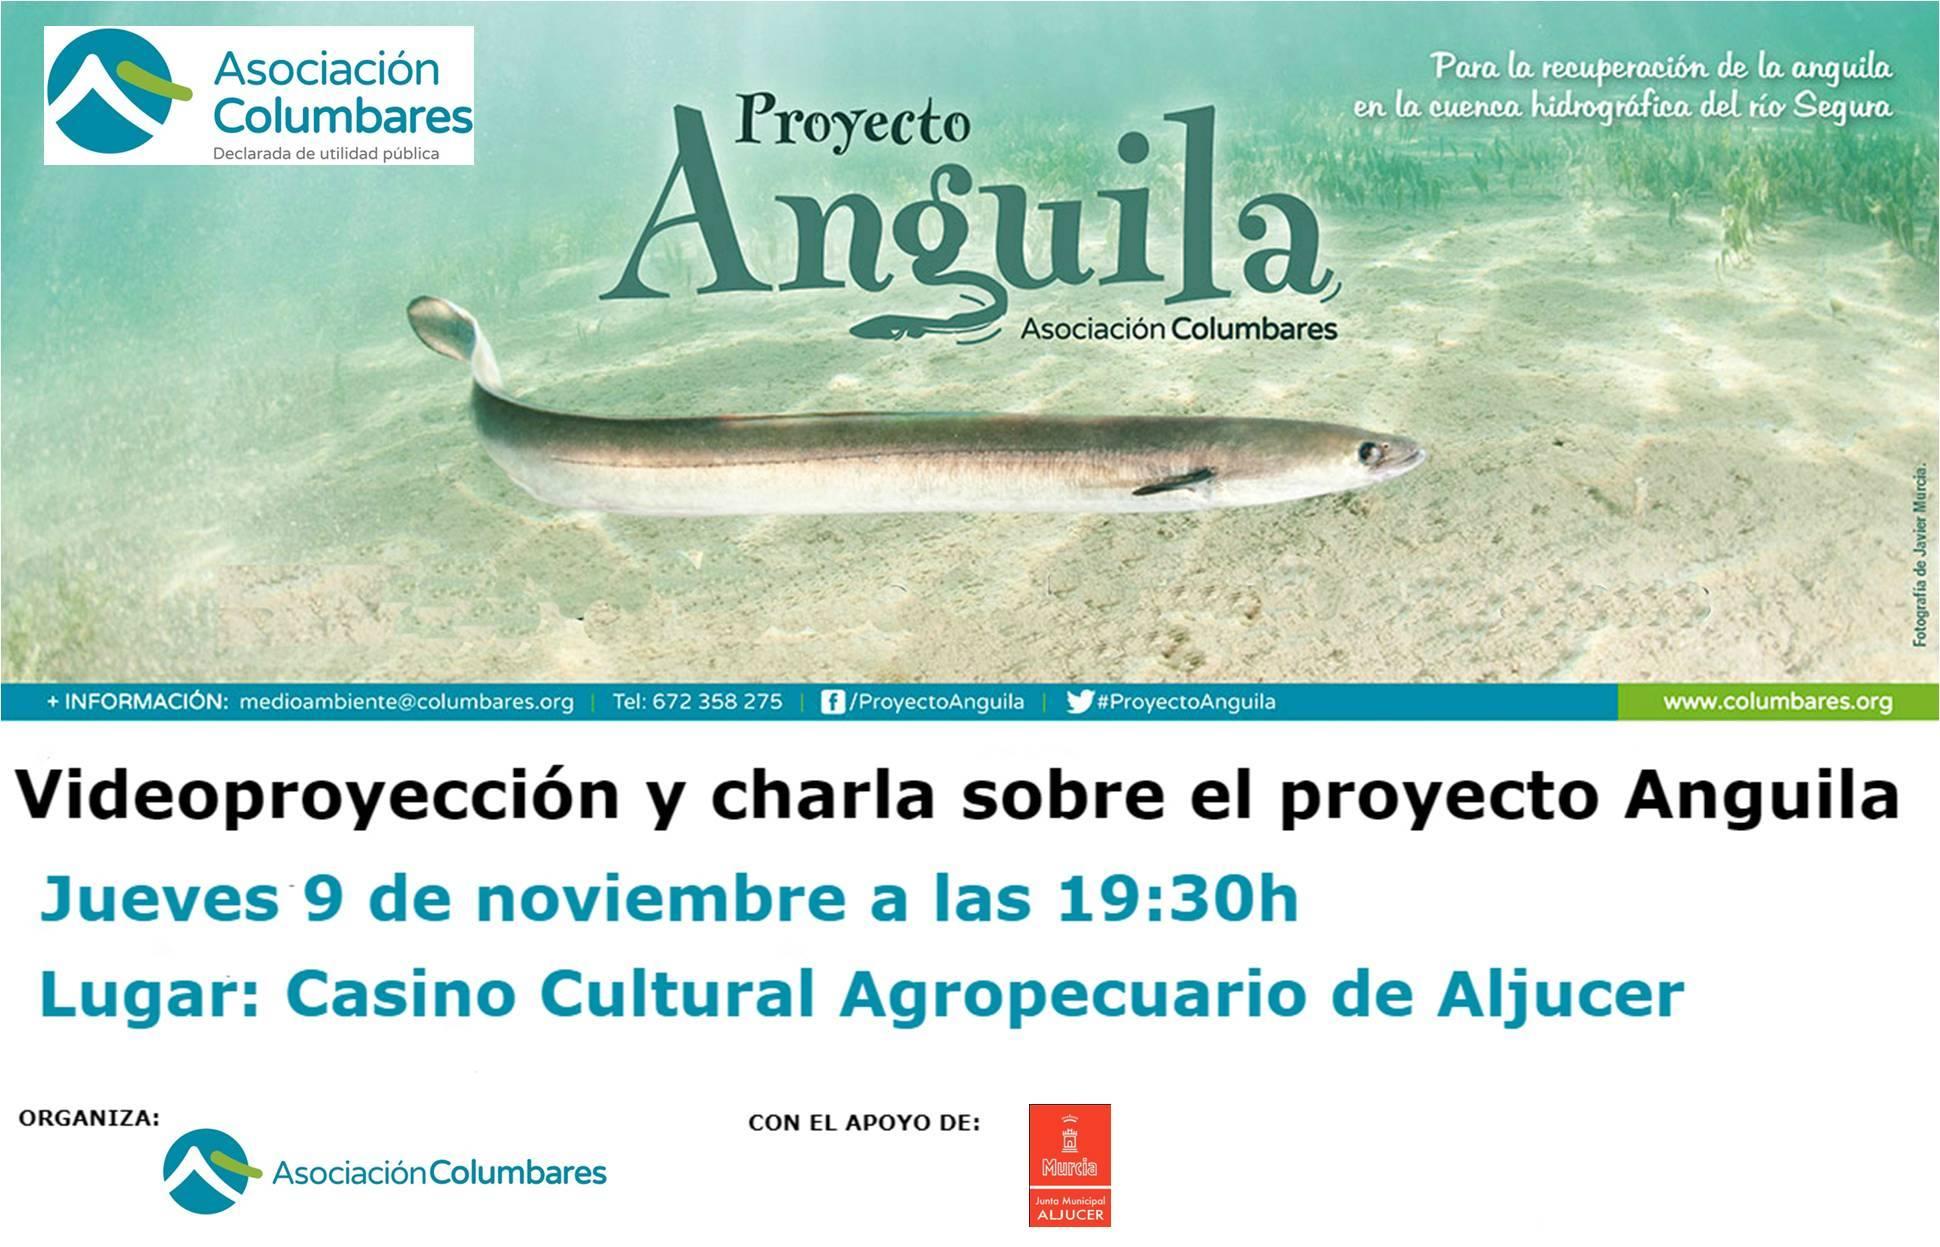 Charla sobre el 'Proyecto Anguila', con la Asociación Columbares